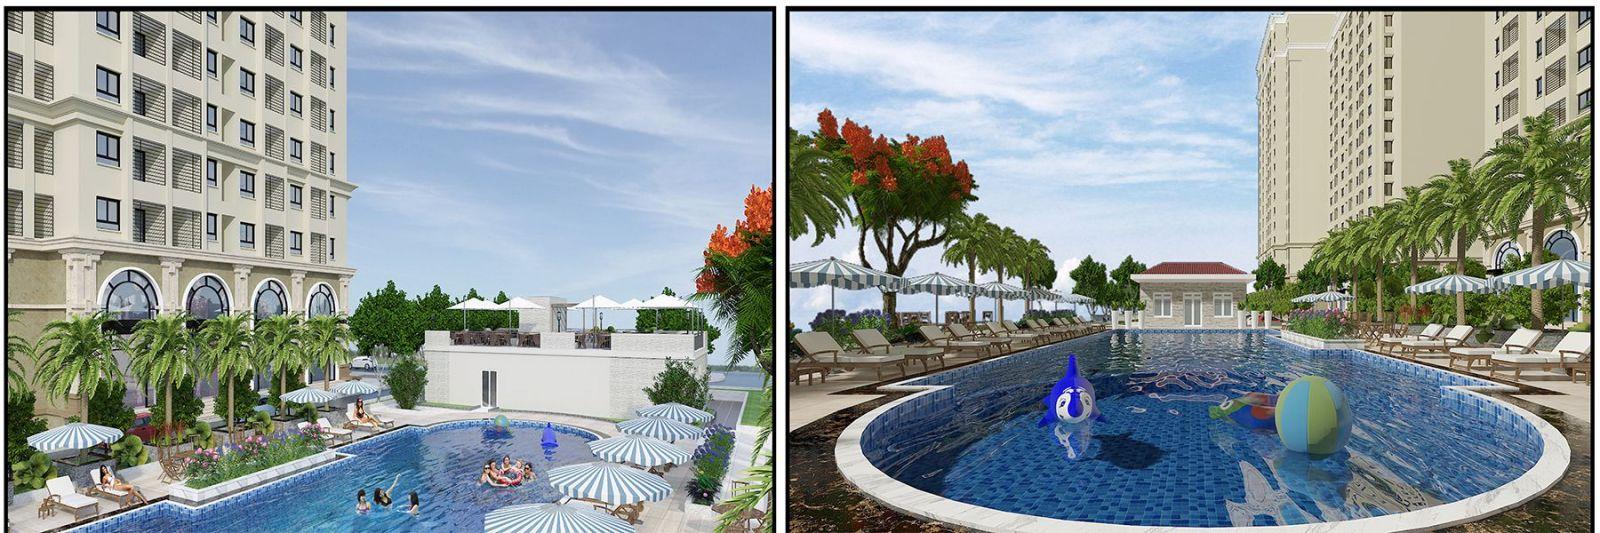 Tiện ích bể bơi ngoài trời tại dự án Chung cư Ruby City CT3